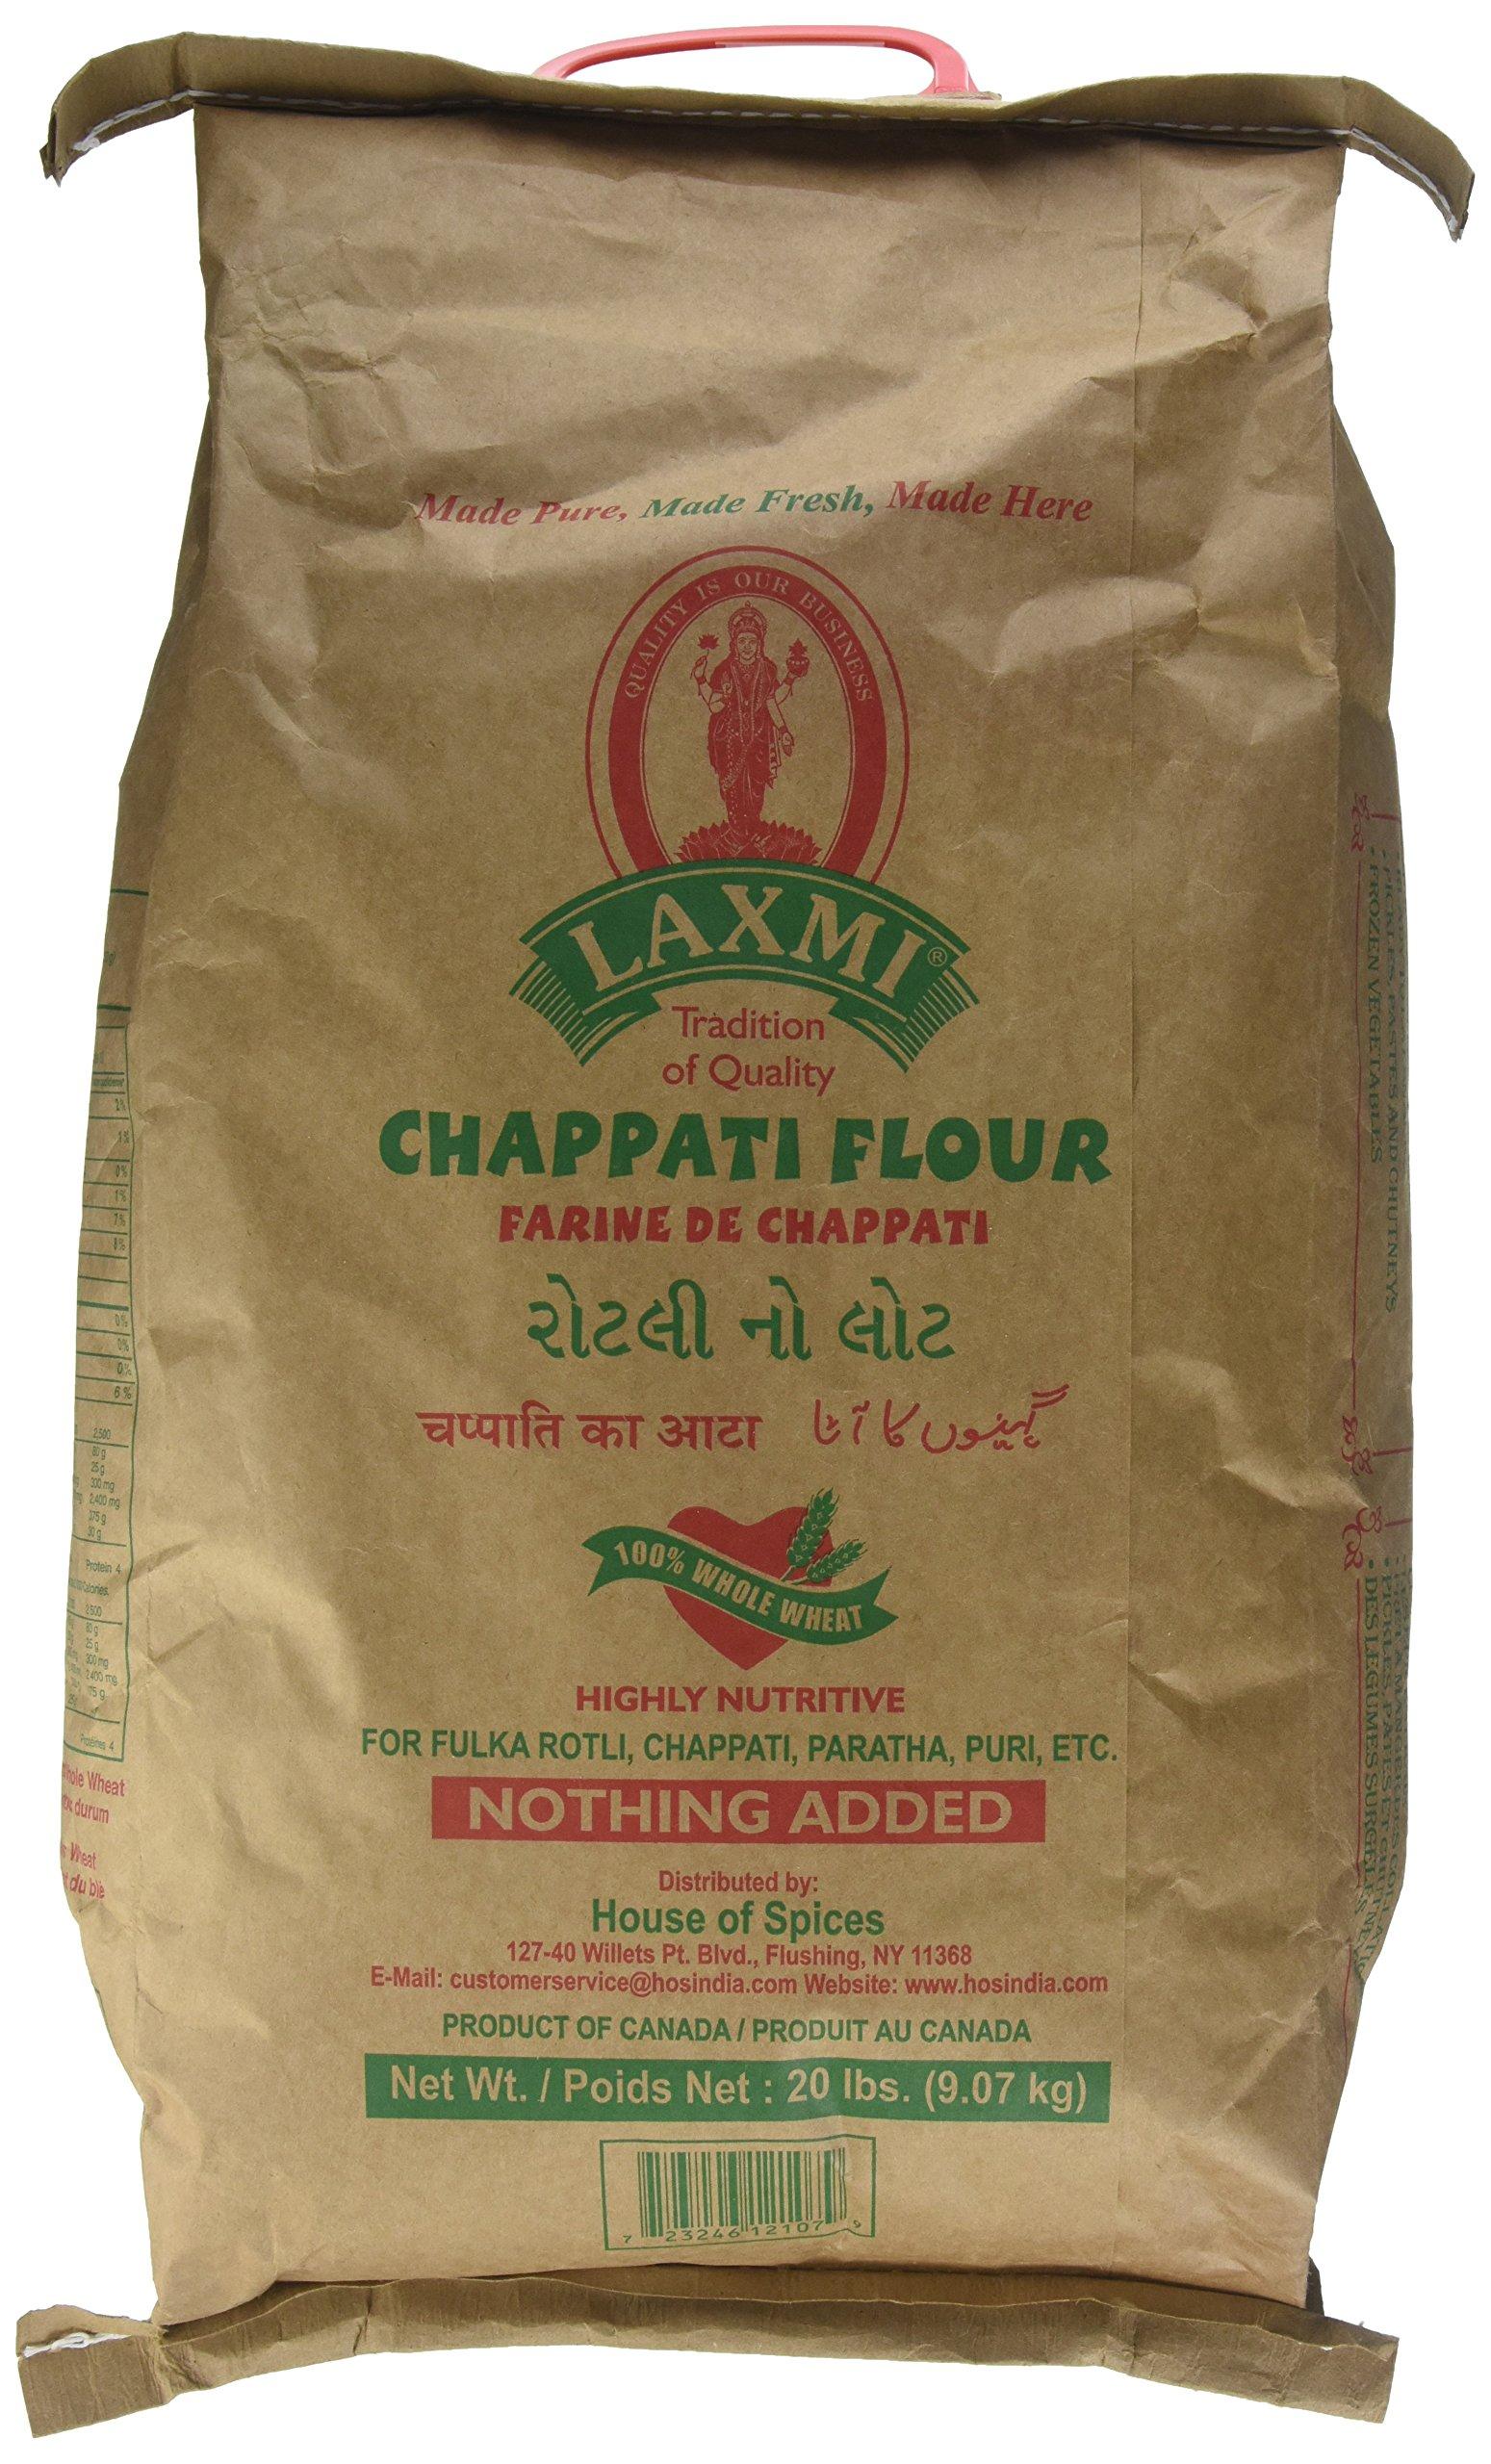 Laxmi Brand All-Natural Chappati Flour, 20lb